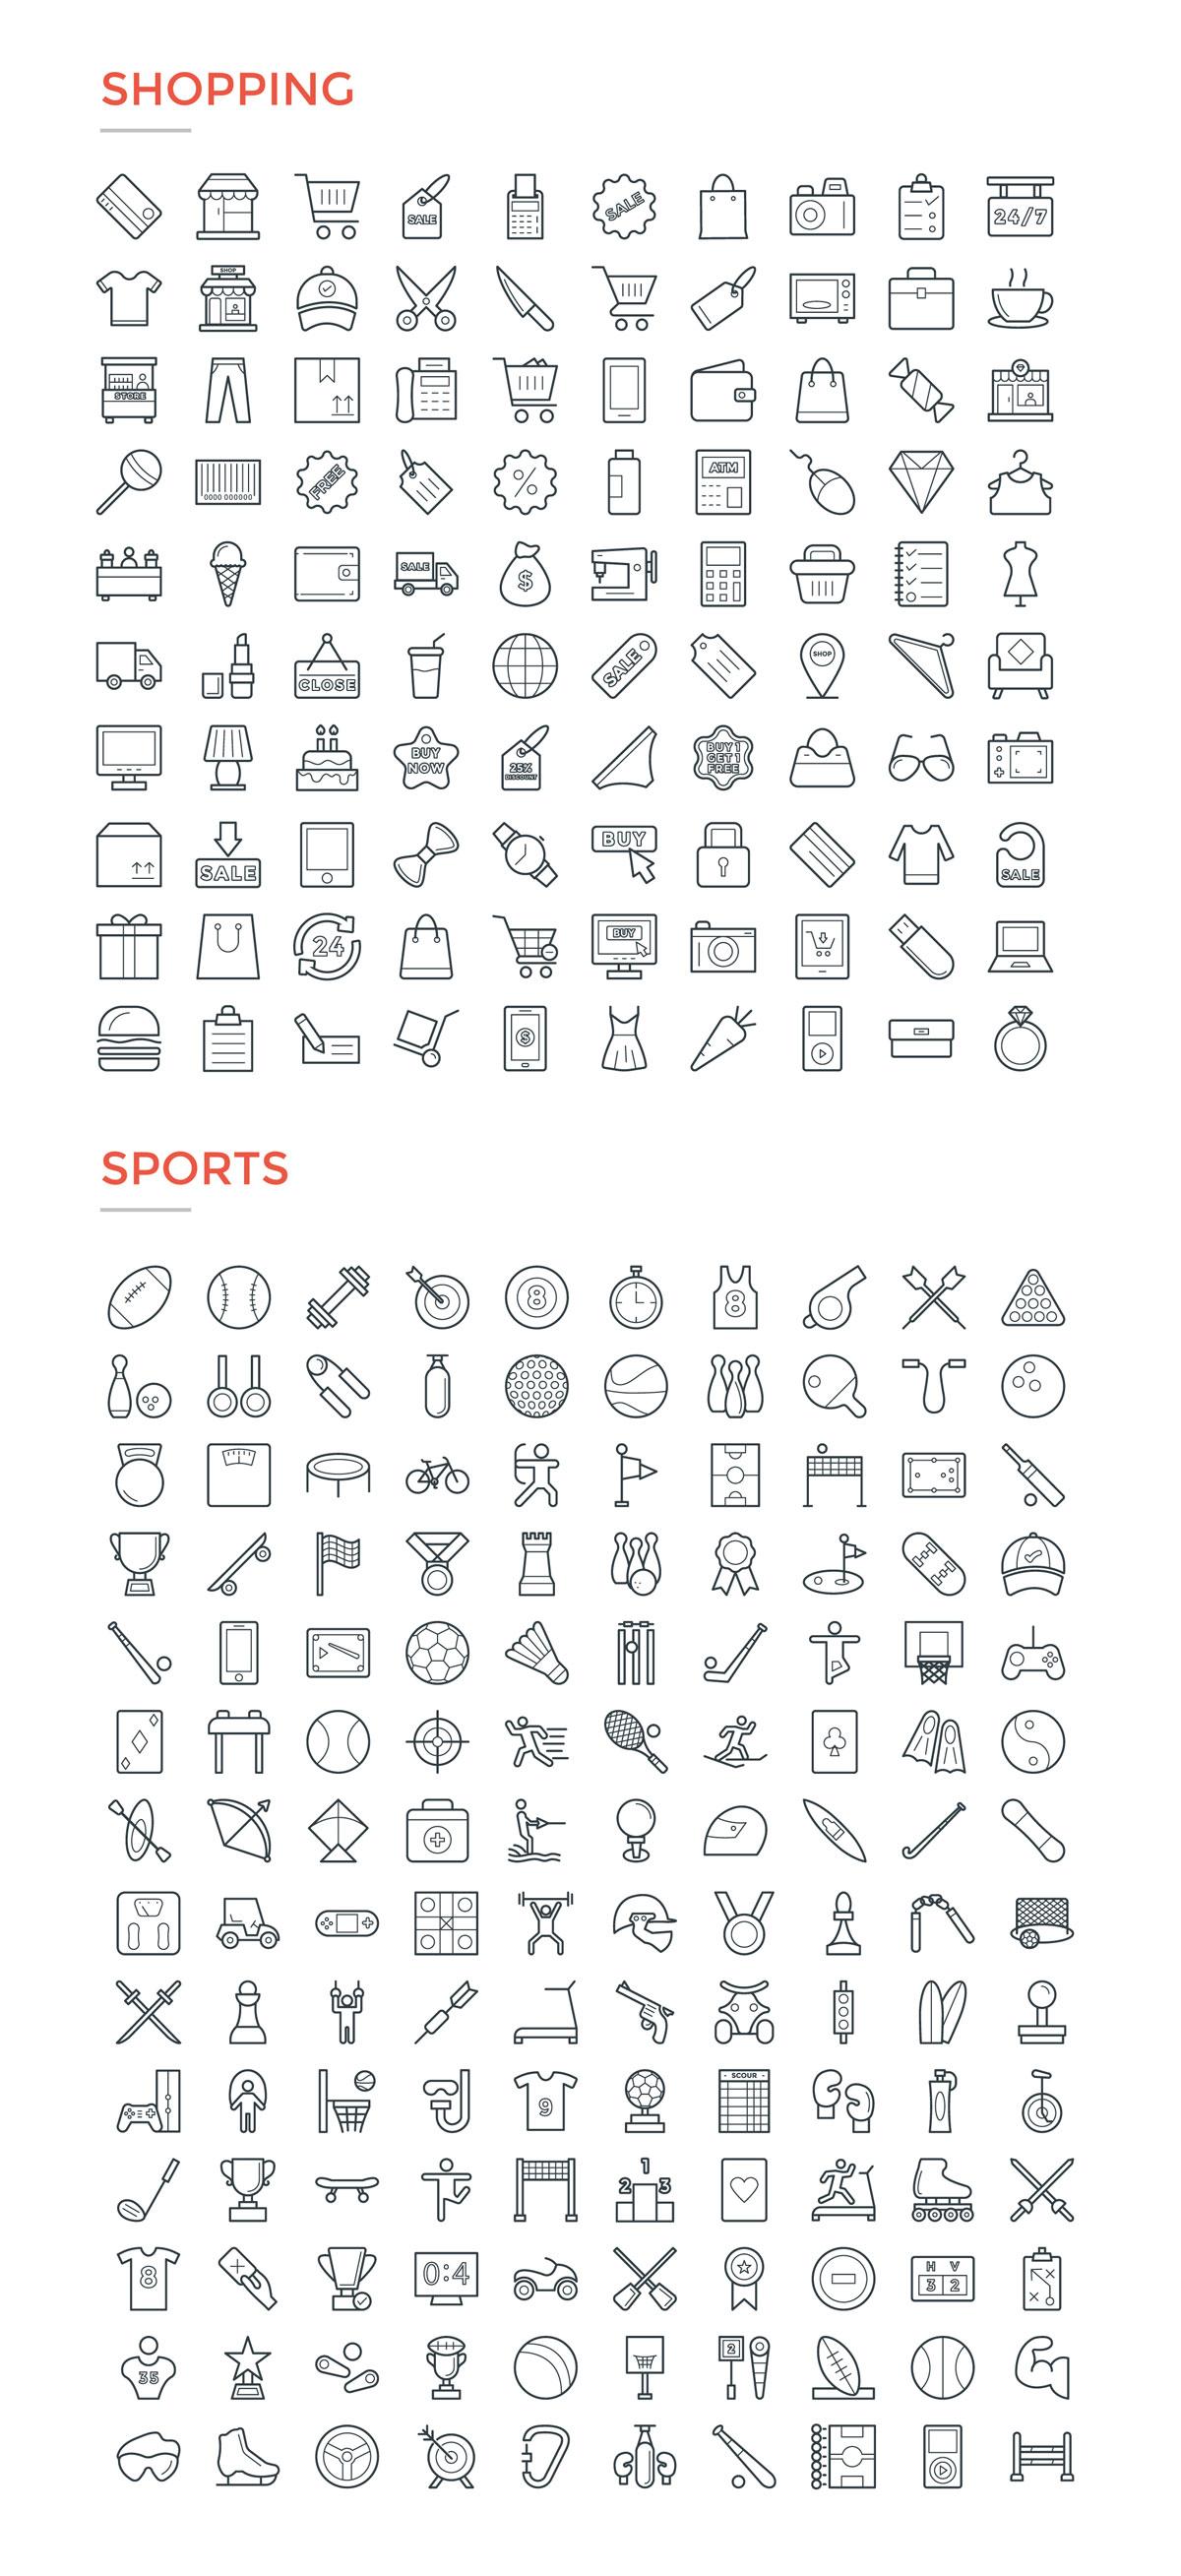 4800款独特的矢量图标合集 4800 Line Icons插图16